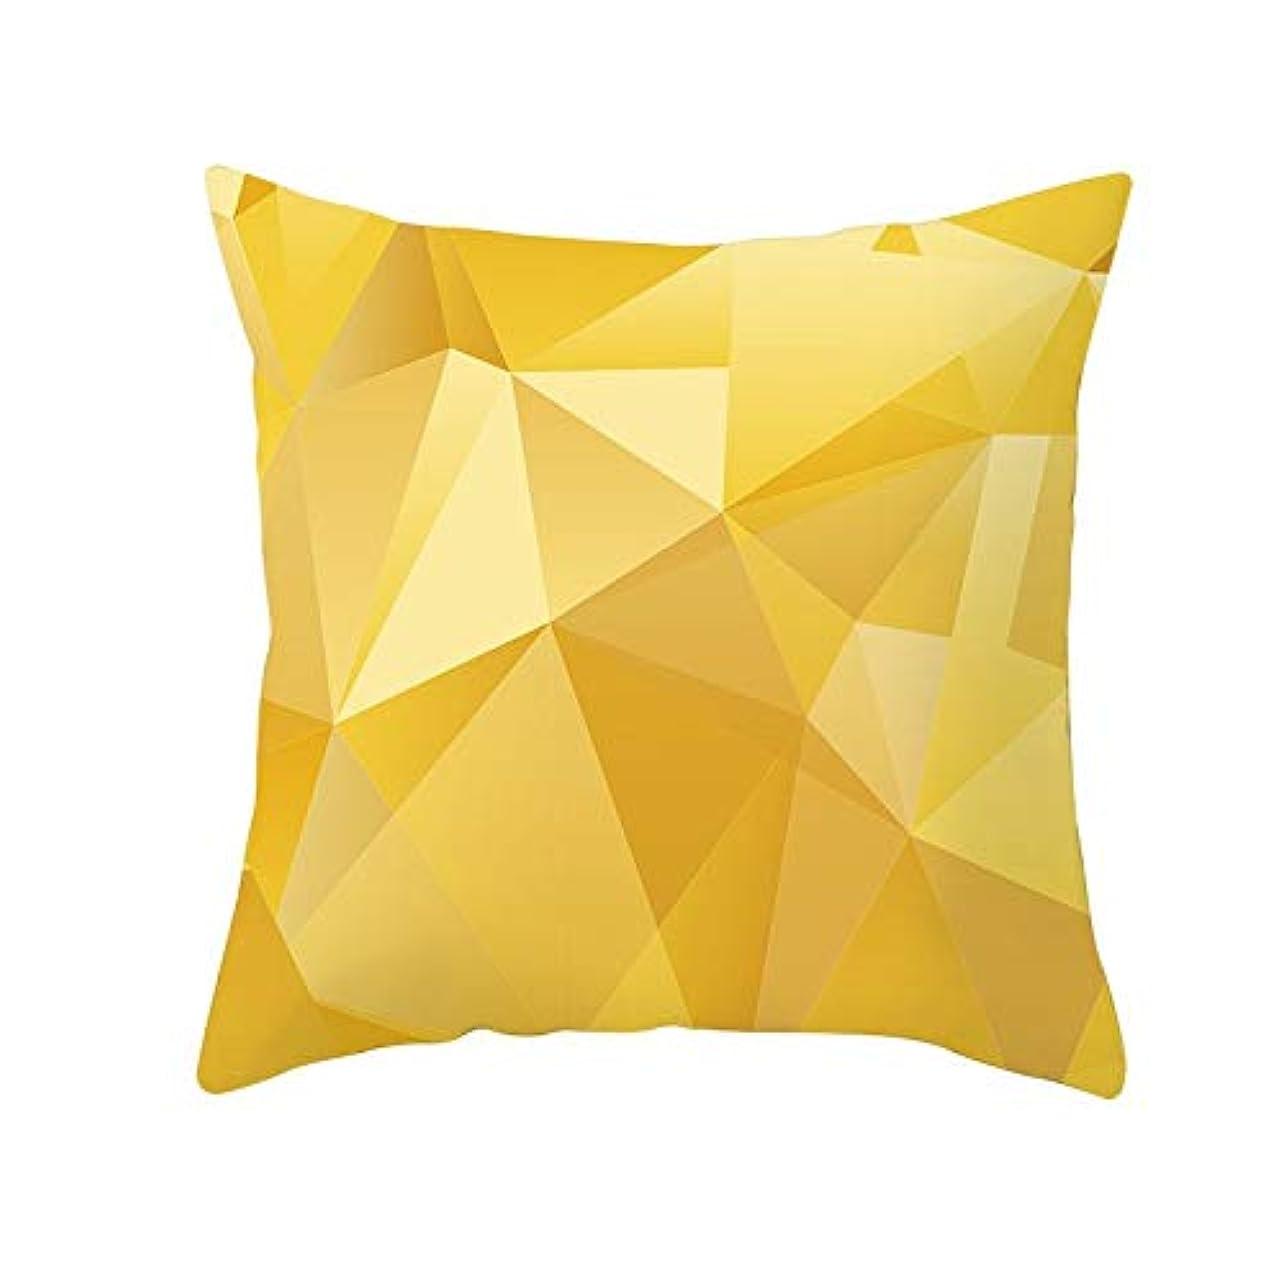 分離するマルクス主義者に変わるLIFE 装飾クッションソファ 幾何学プリントポリエステル正方形の枕ソファスロークッション家の装飾 coussin デ長椅子 クッション 椅子